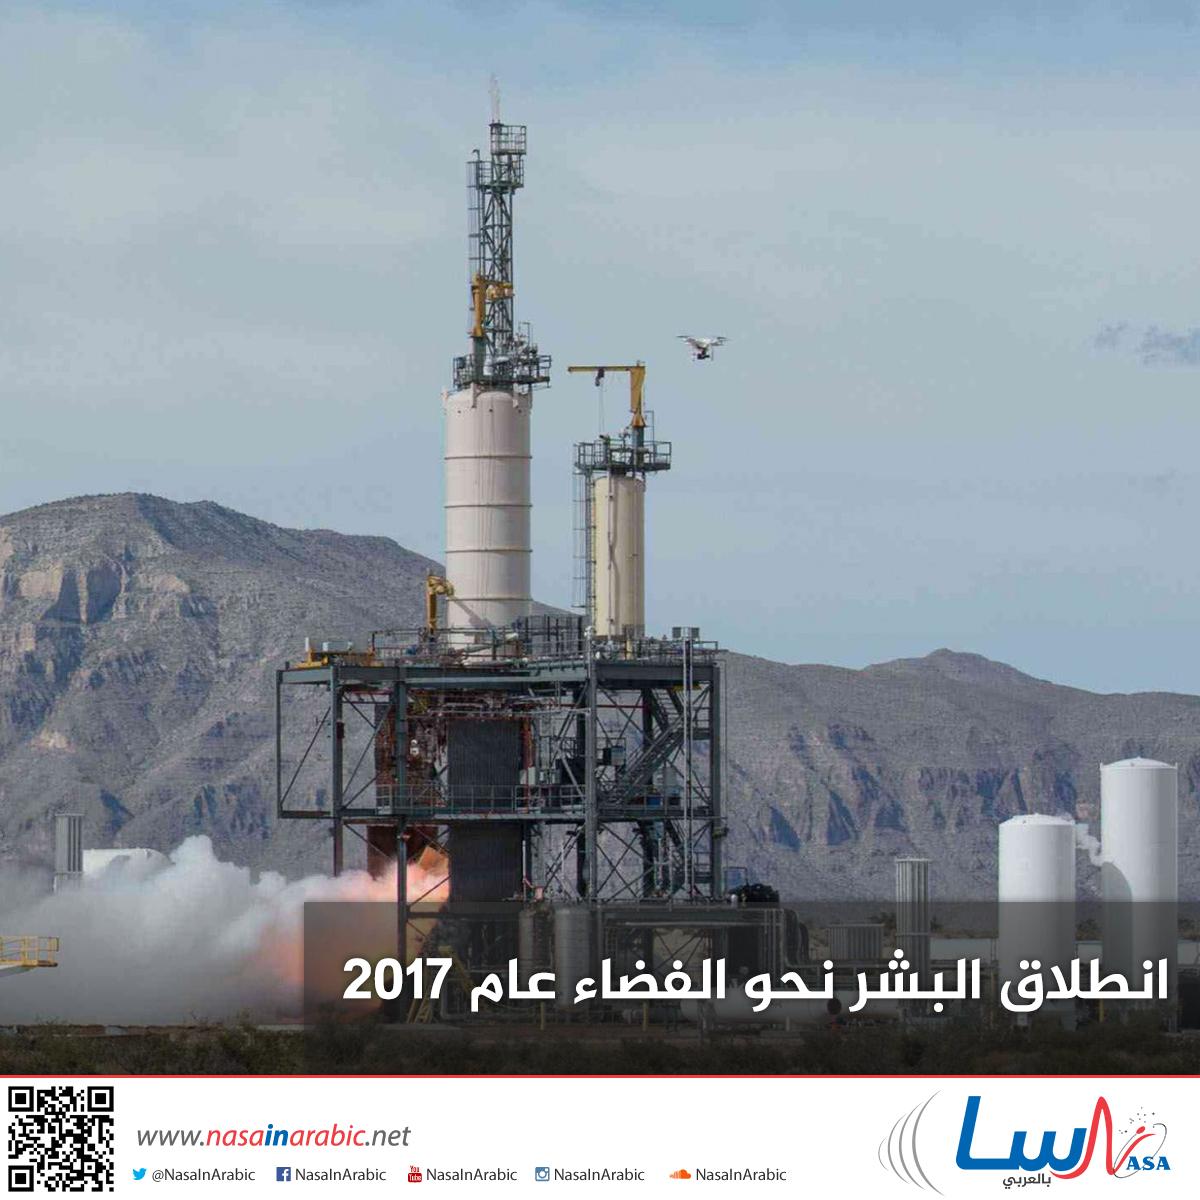 انطلاق البشر نحو الفضاء عام 2017